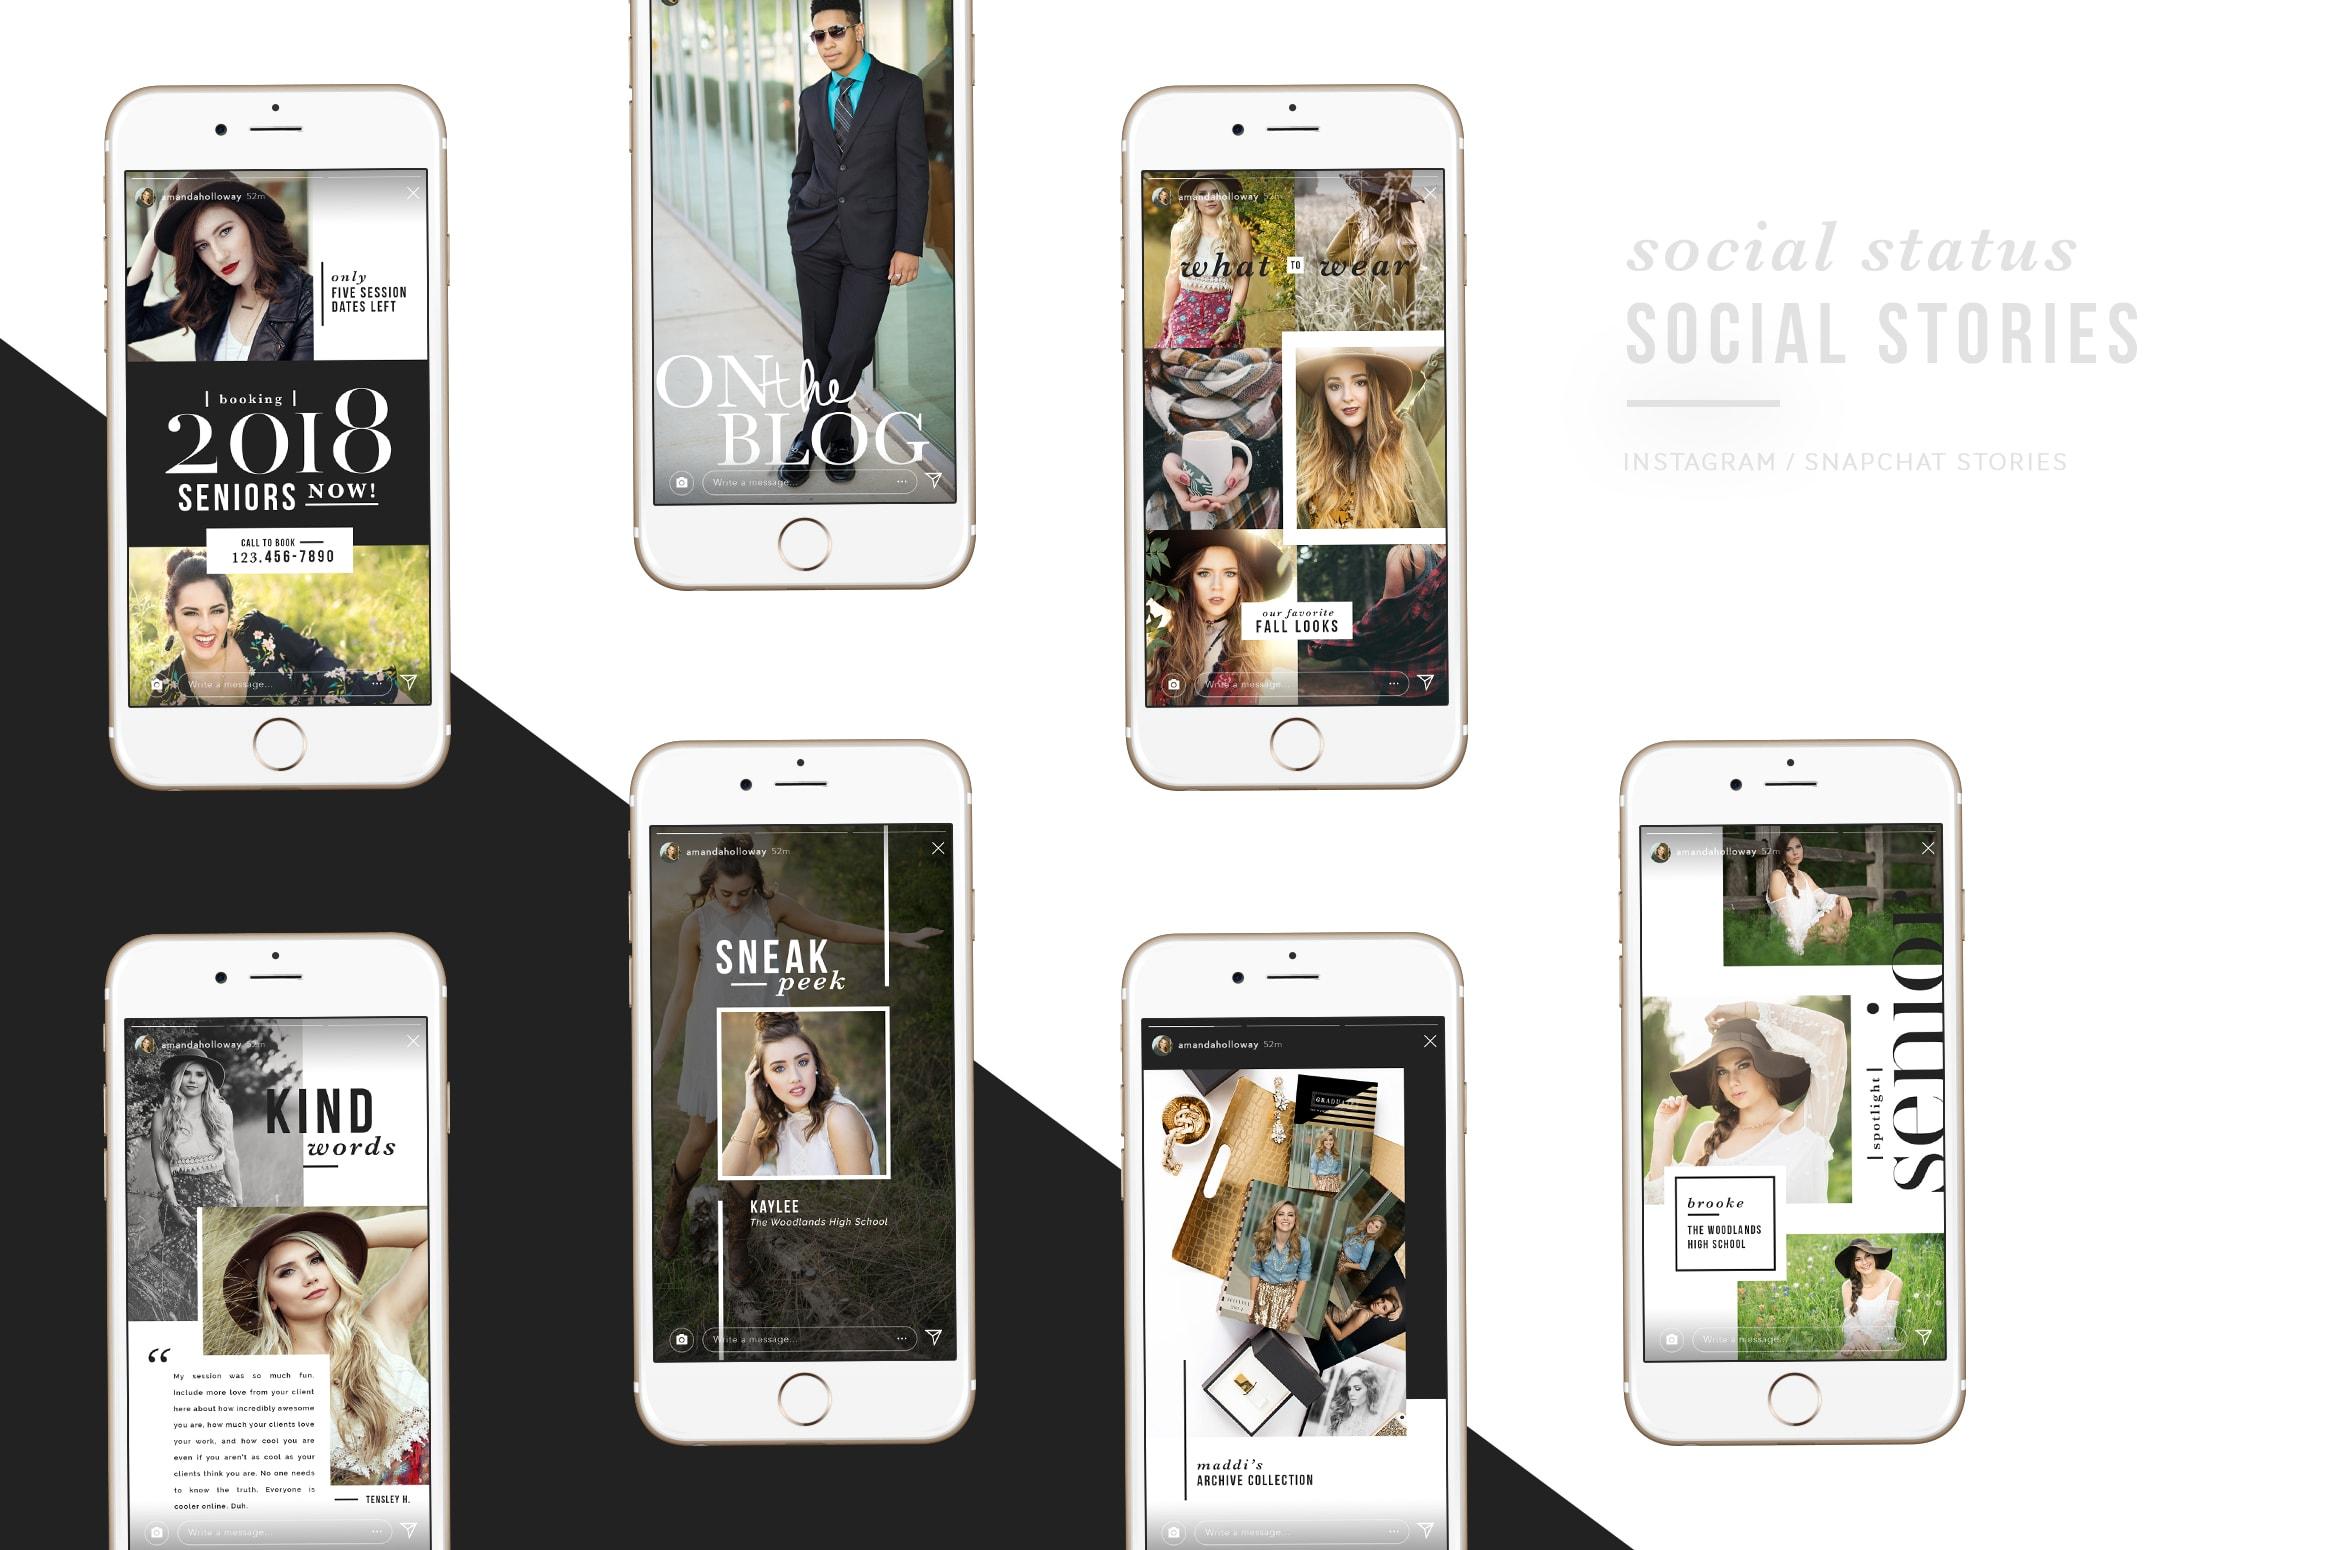 Social Status: SOCIAL STORIES